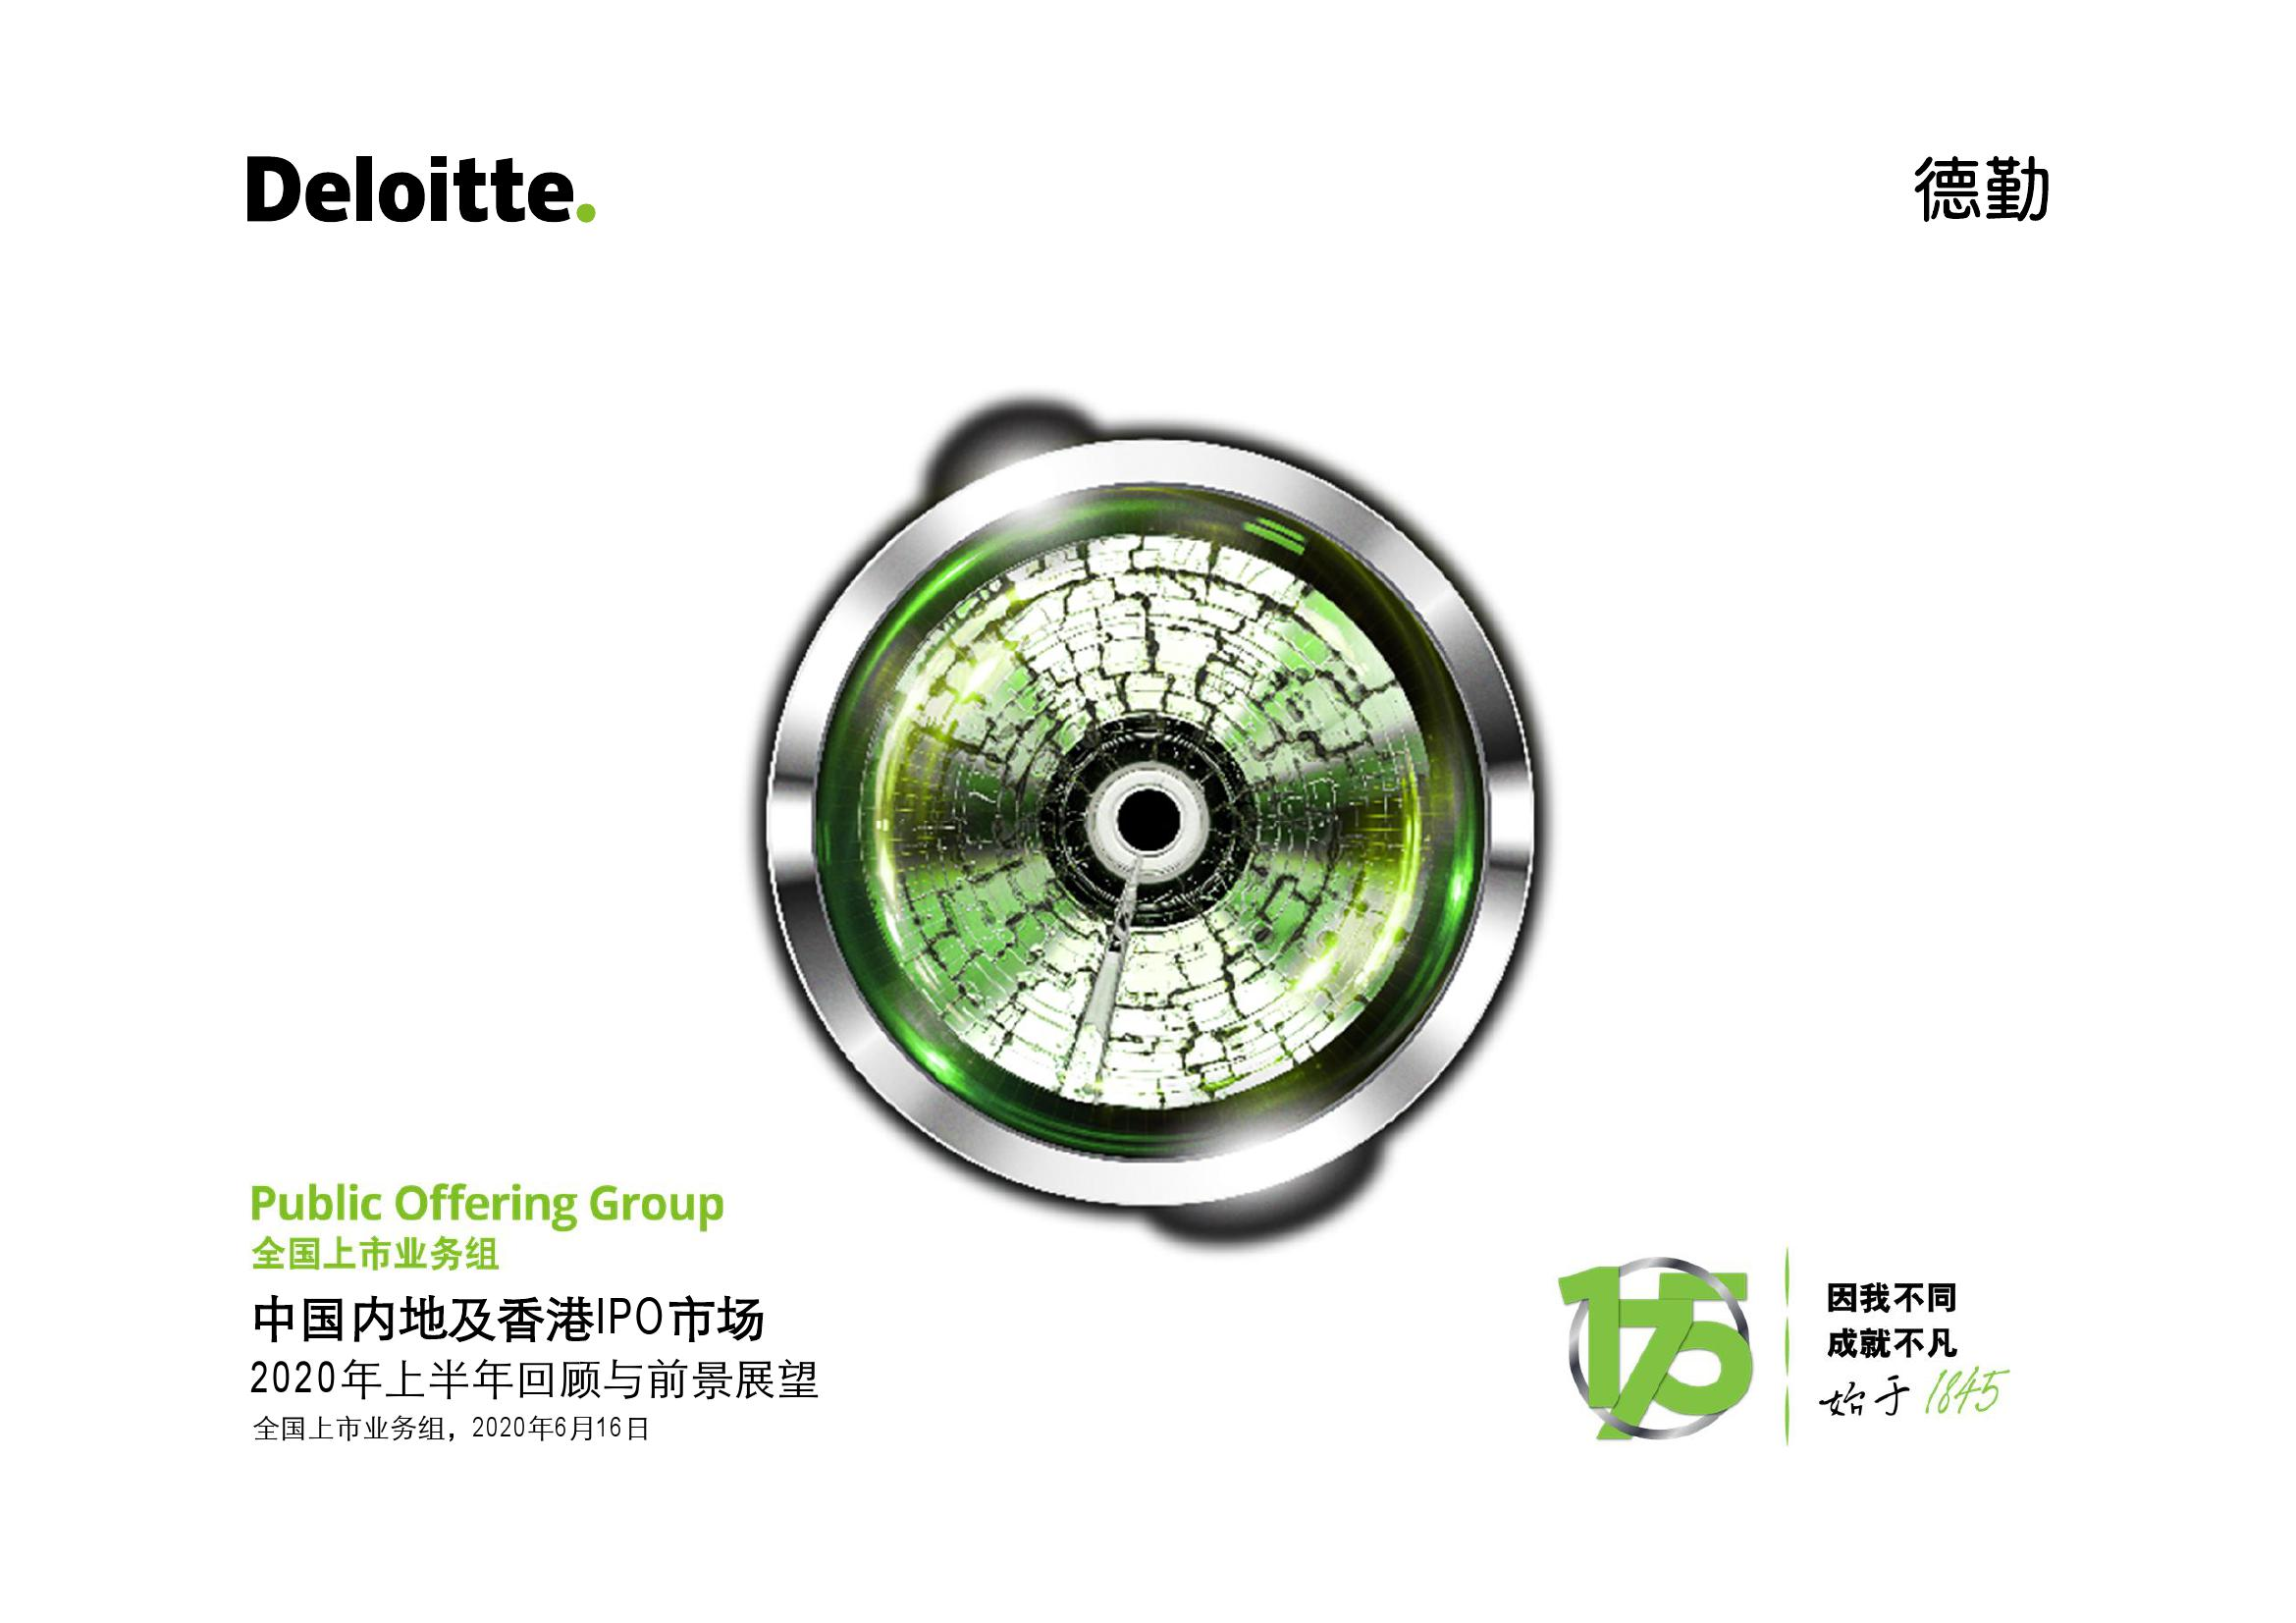 德勤咨询:2020上半年中国内地及香港IPO市场回顾与前景展望(附下载)